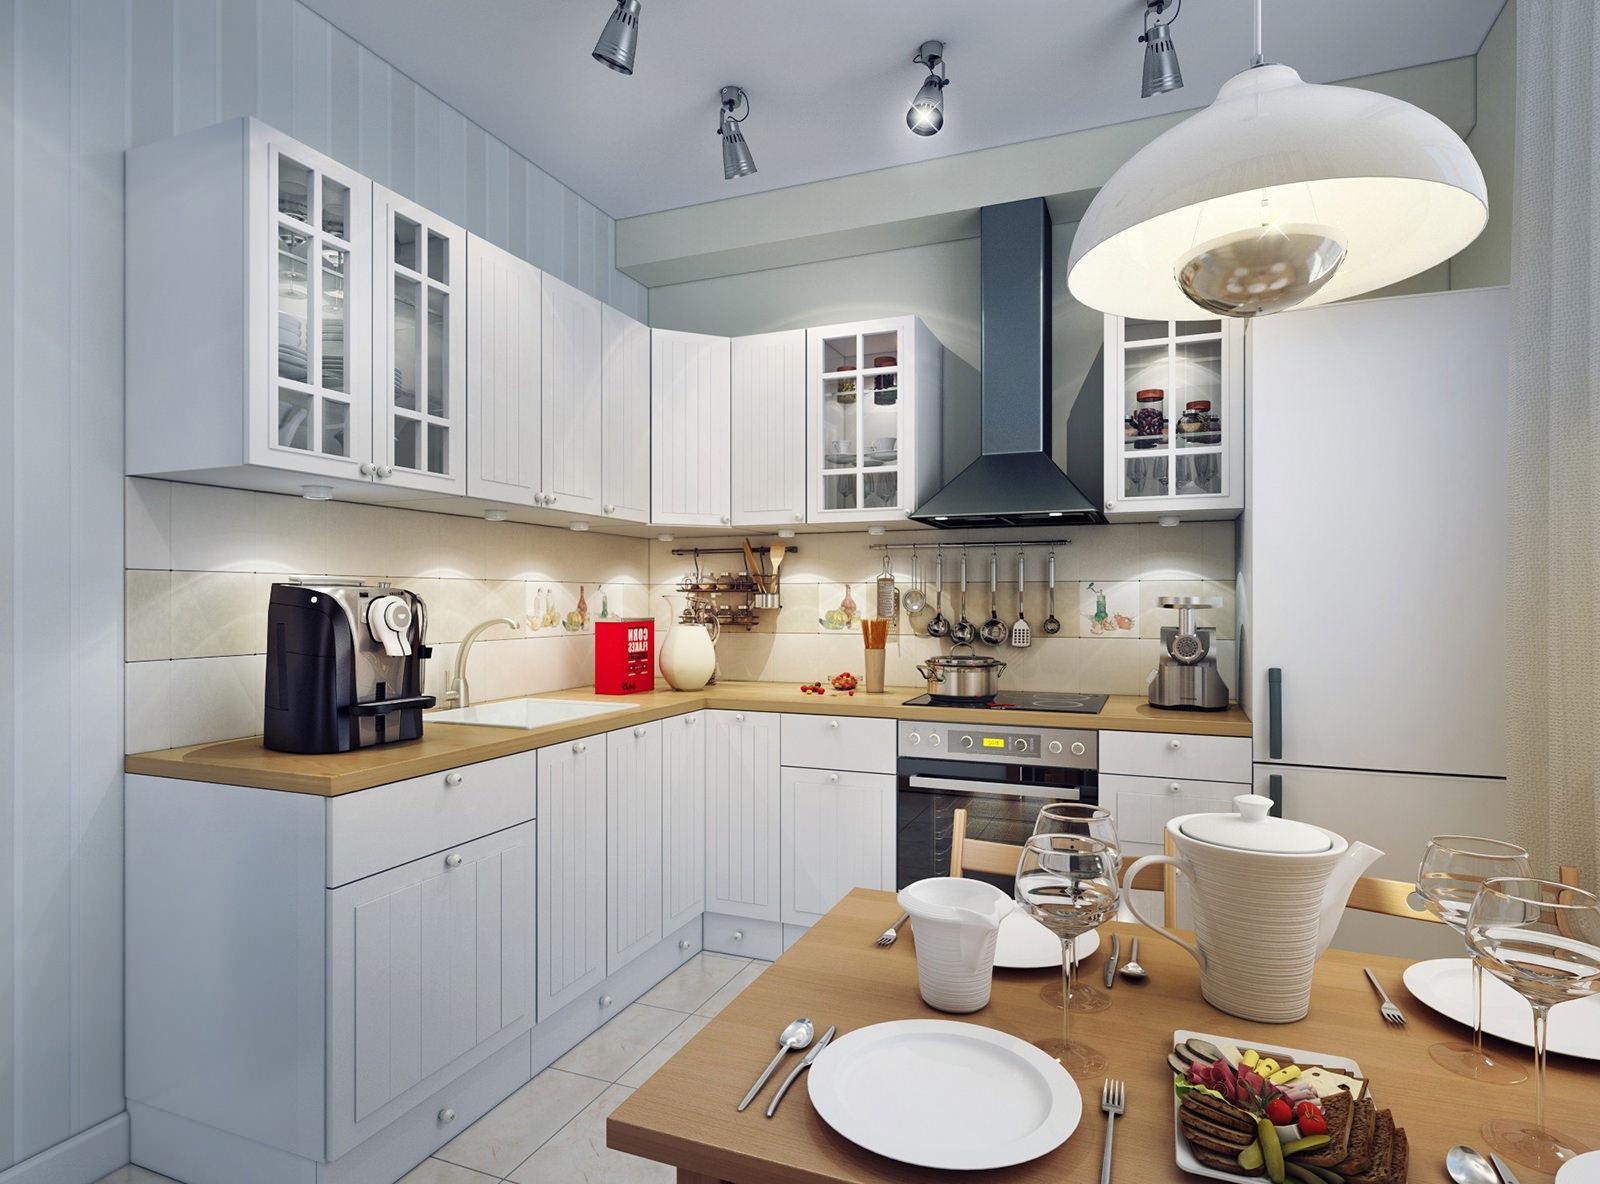 Отличным вариантом станет комбинирование двух типов освещения: подвесной люстры и потолочной конструкции